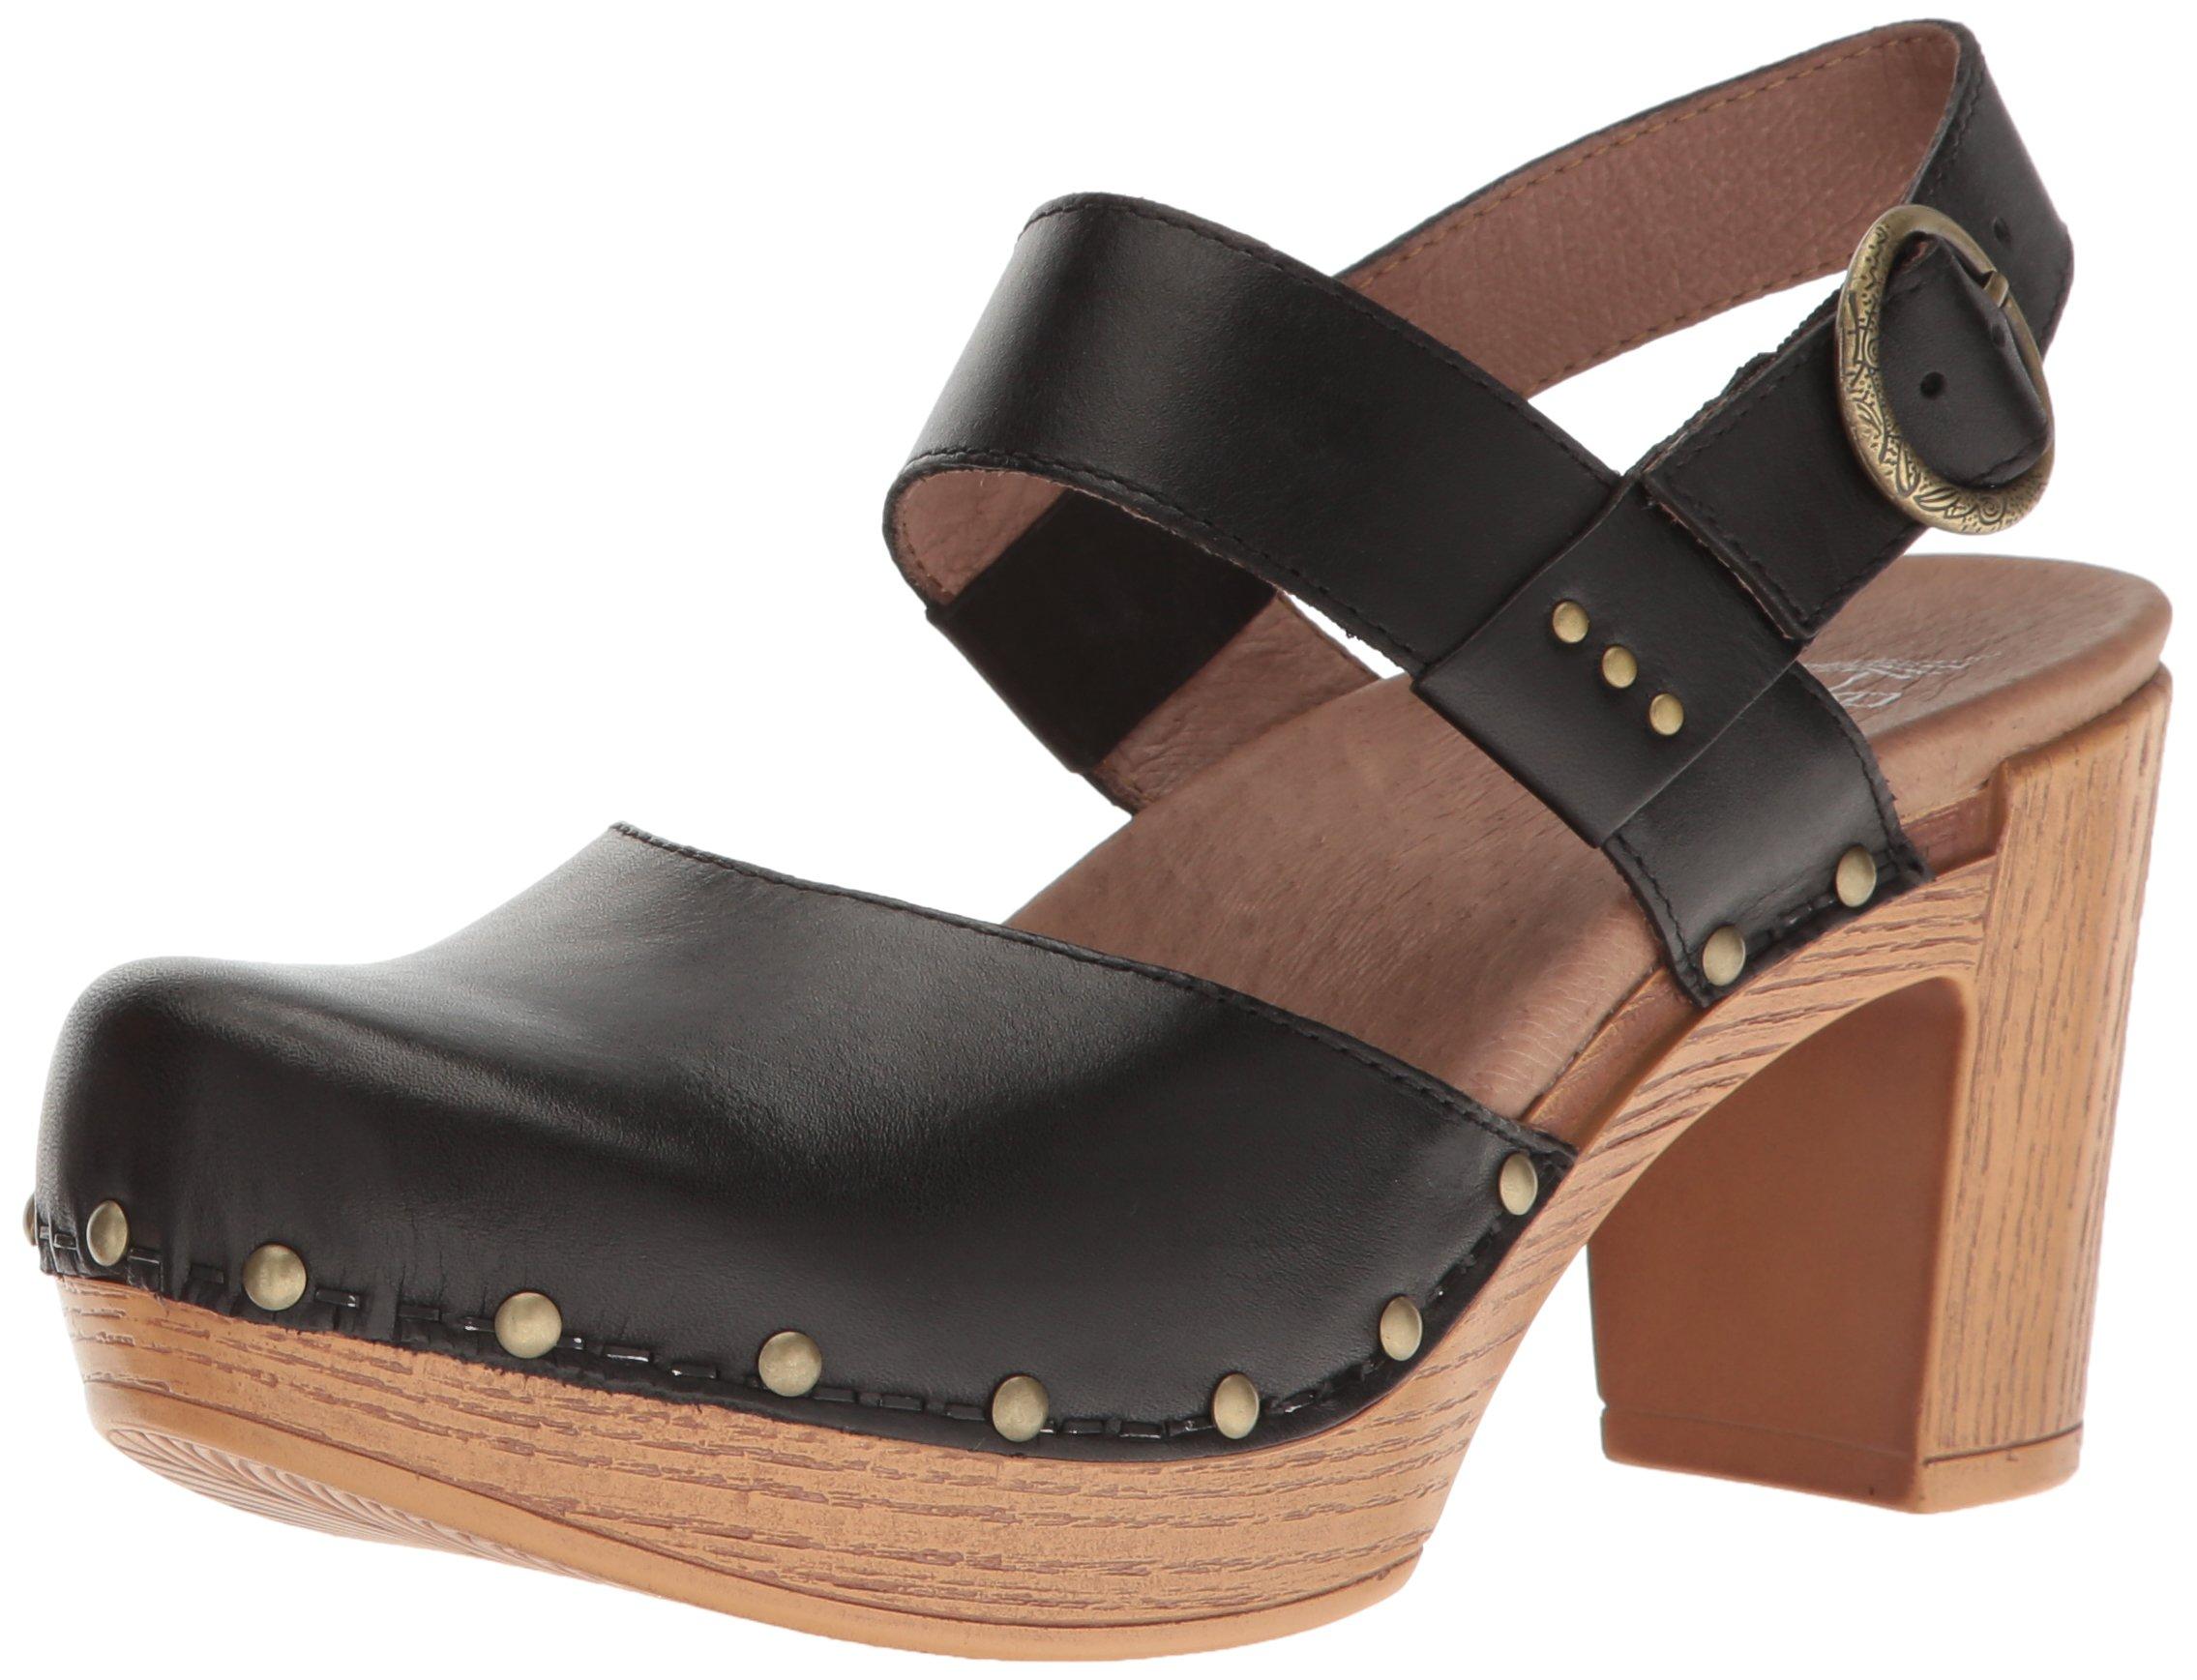 Dansko Women's Dotty Heeled Sandal, Black Full Grain, 38 EU/7.5-8 M US